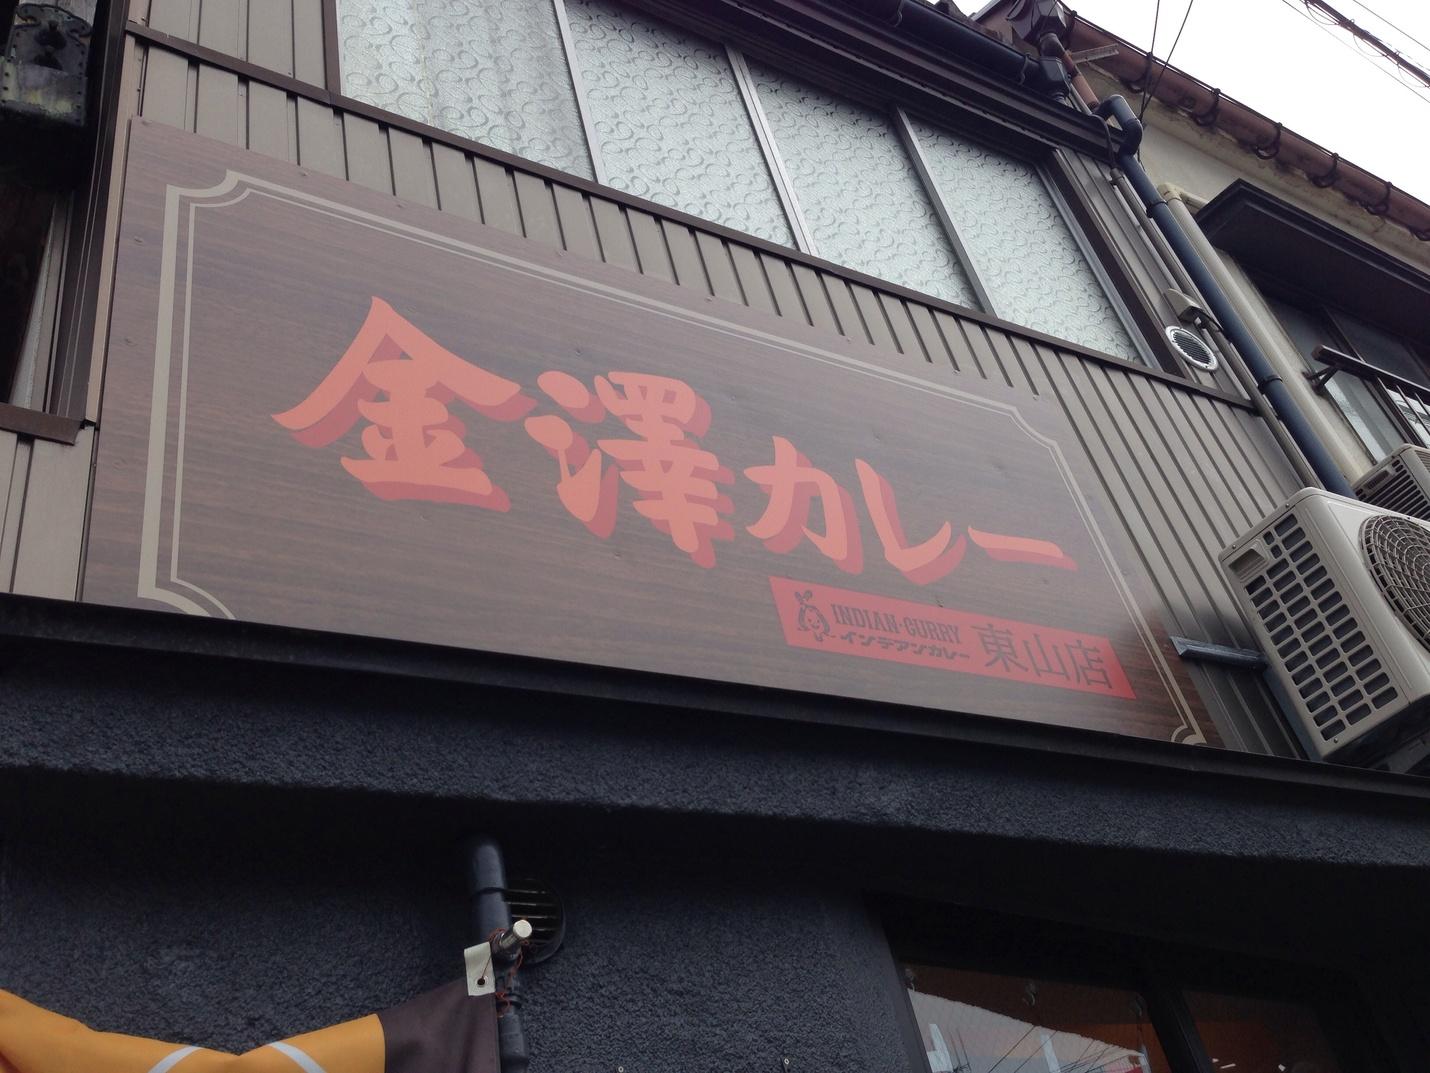 インデアンカレー 東山店